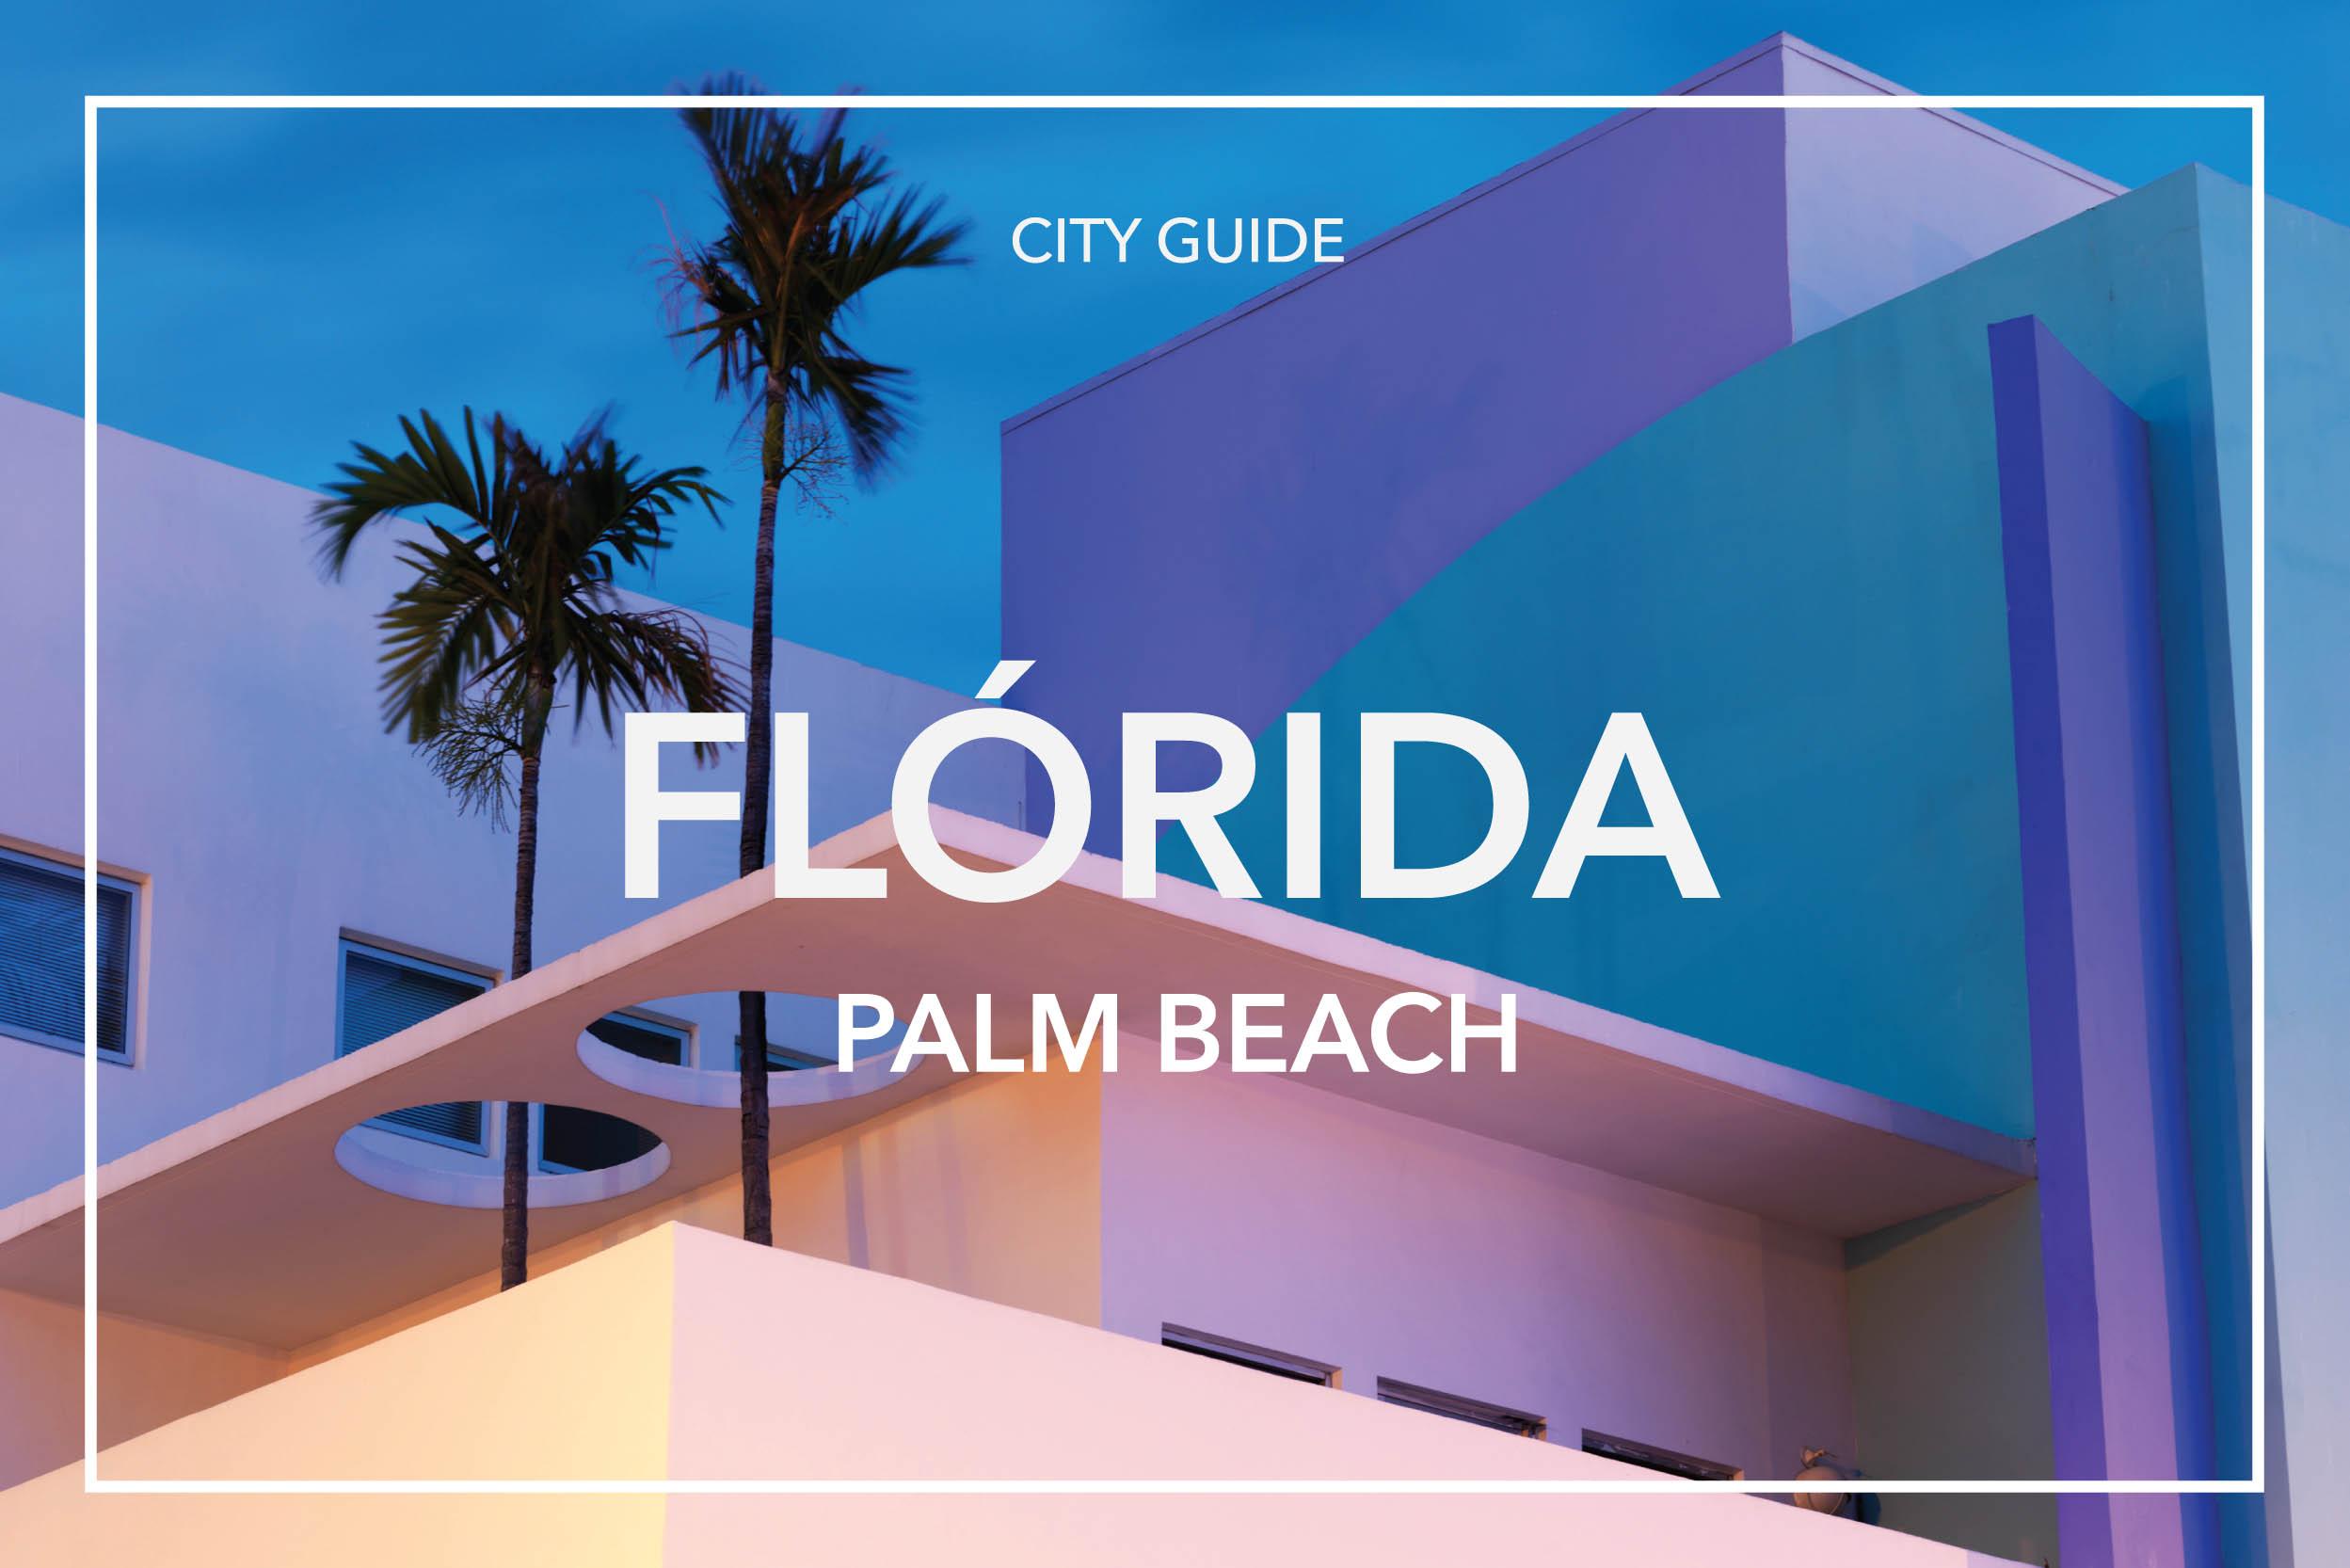 CITYGUIDE_FLORIDA_FRAME_PALMBEACH